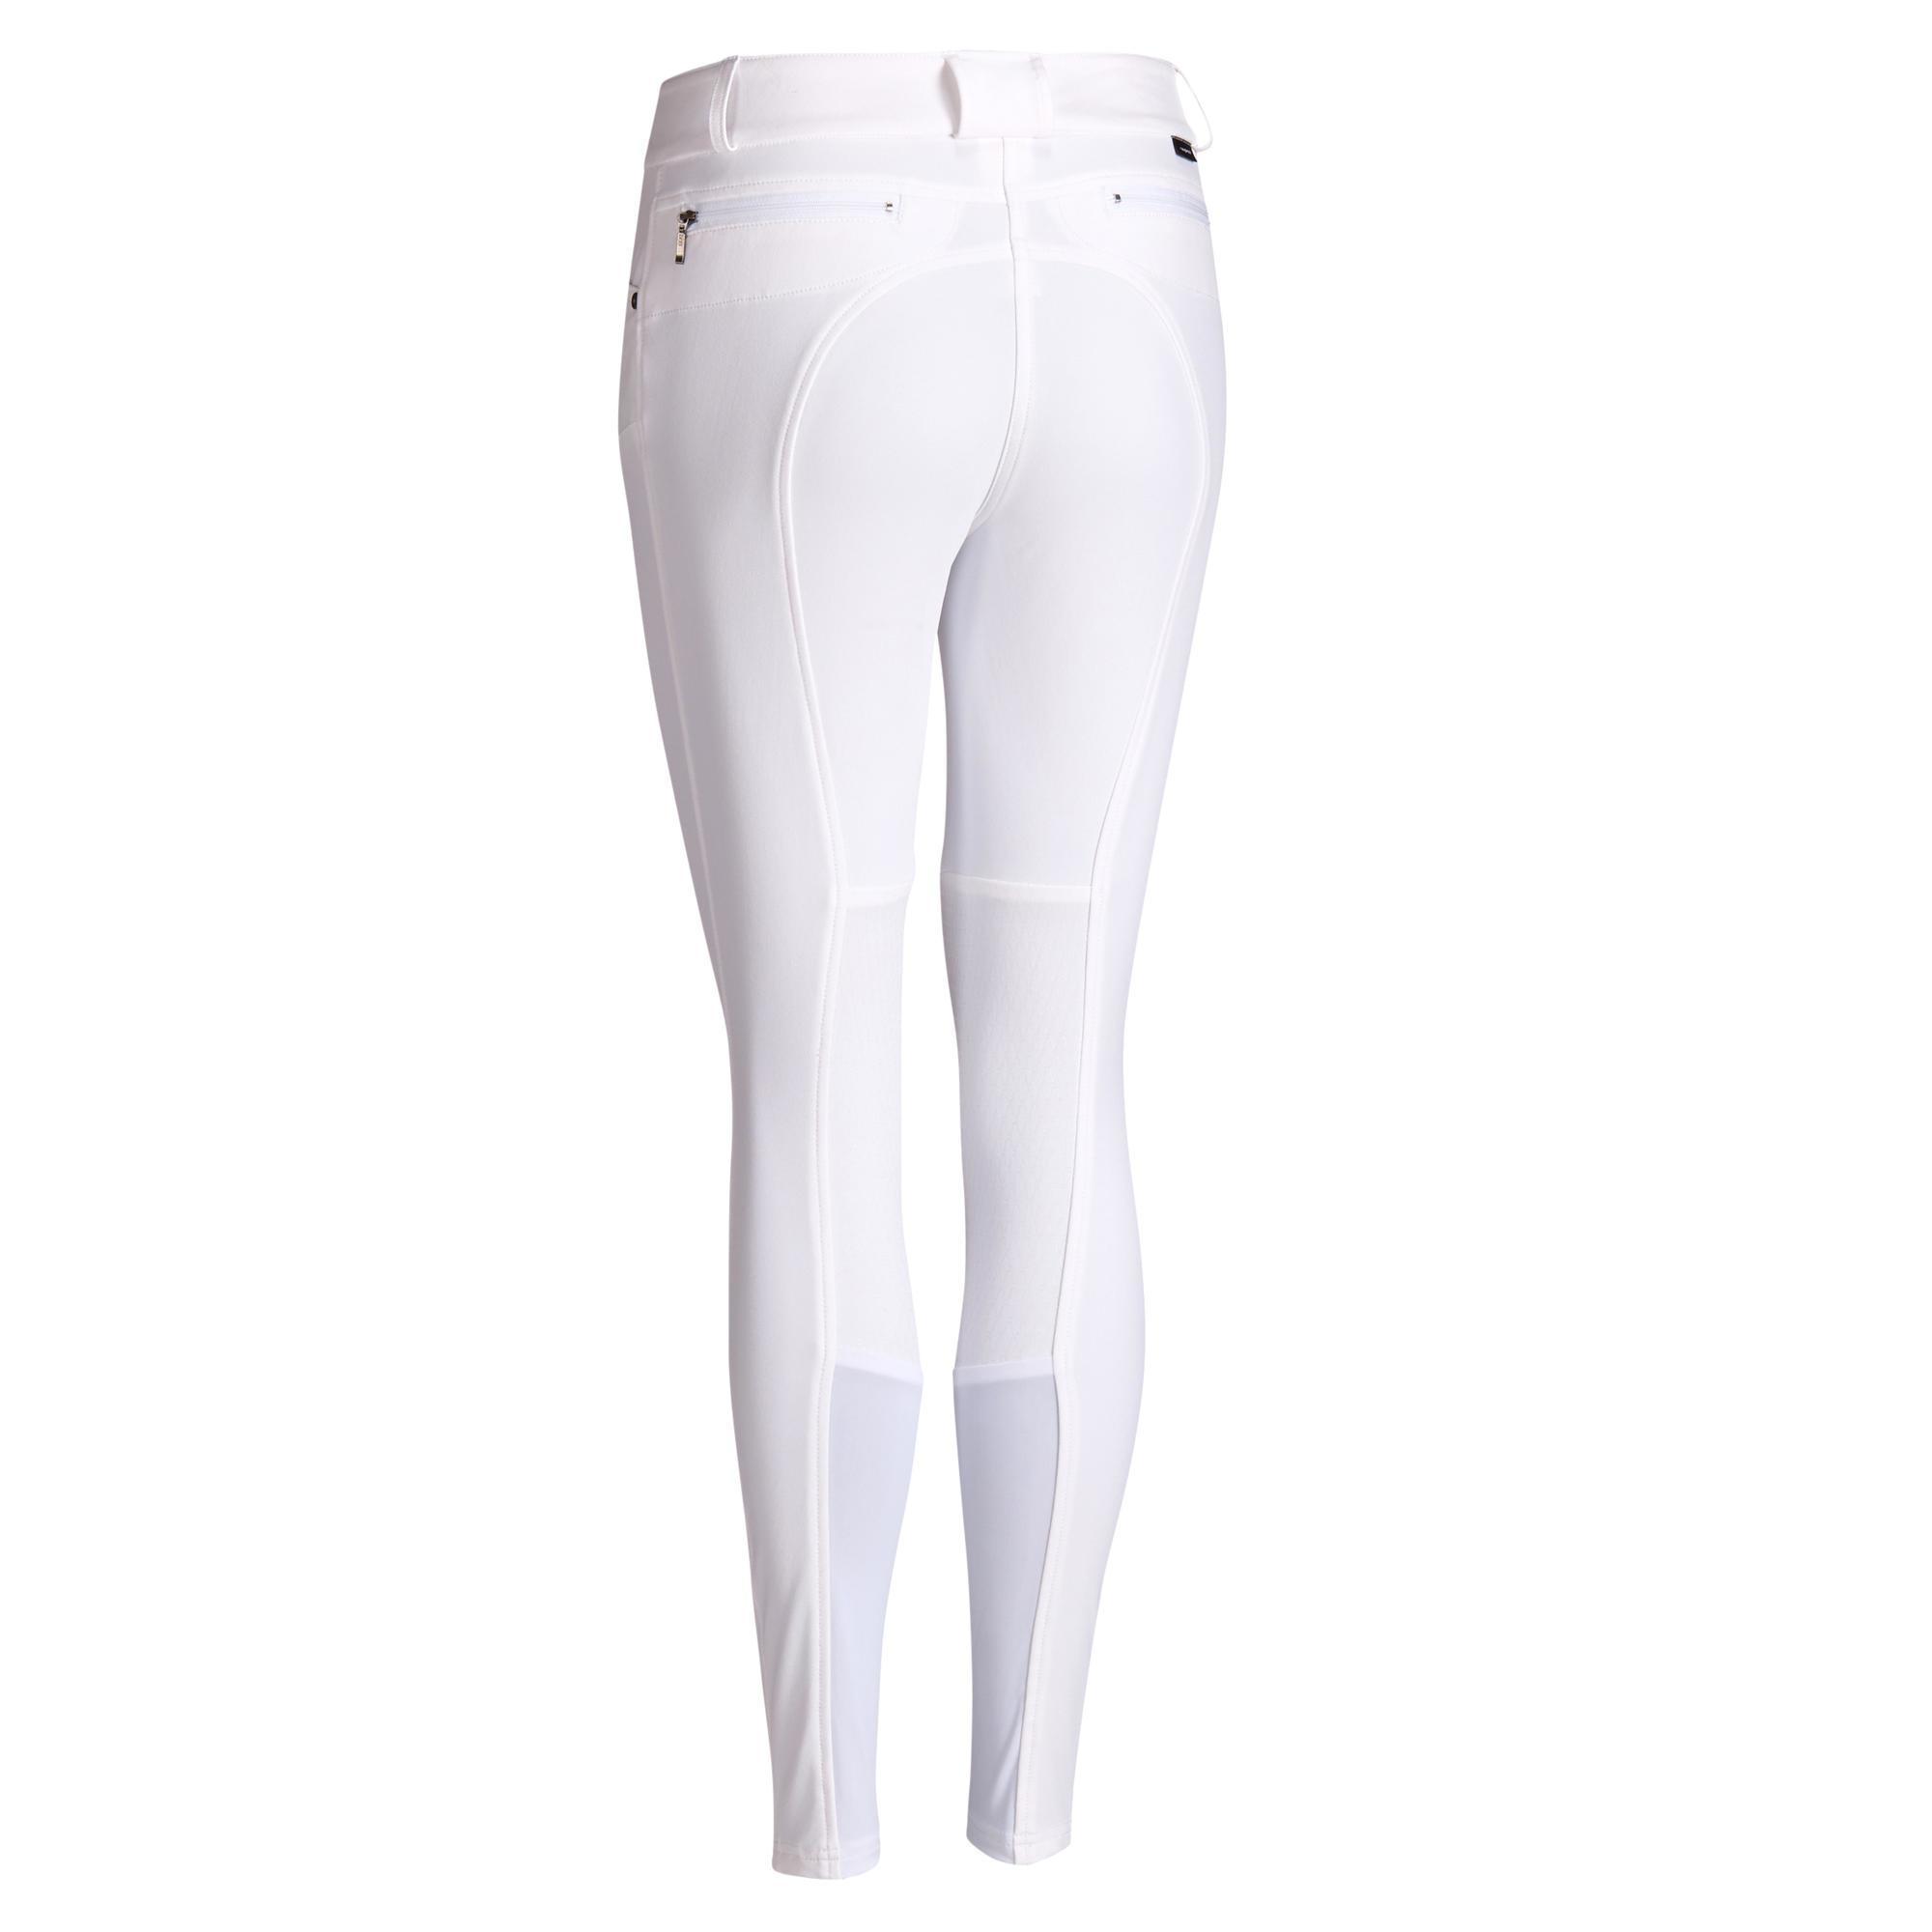 Fouganza Pantalon concours équitation femme